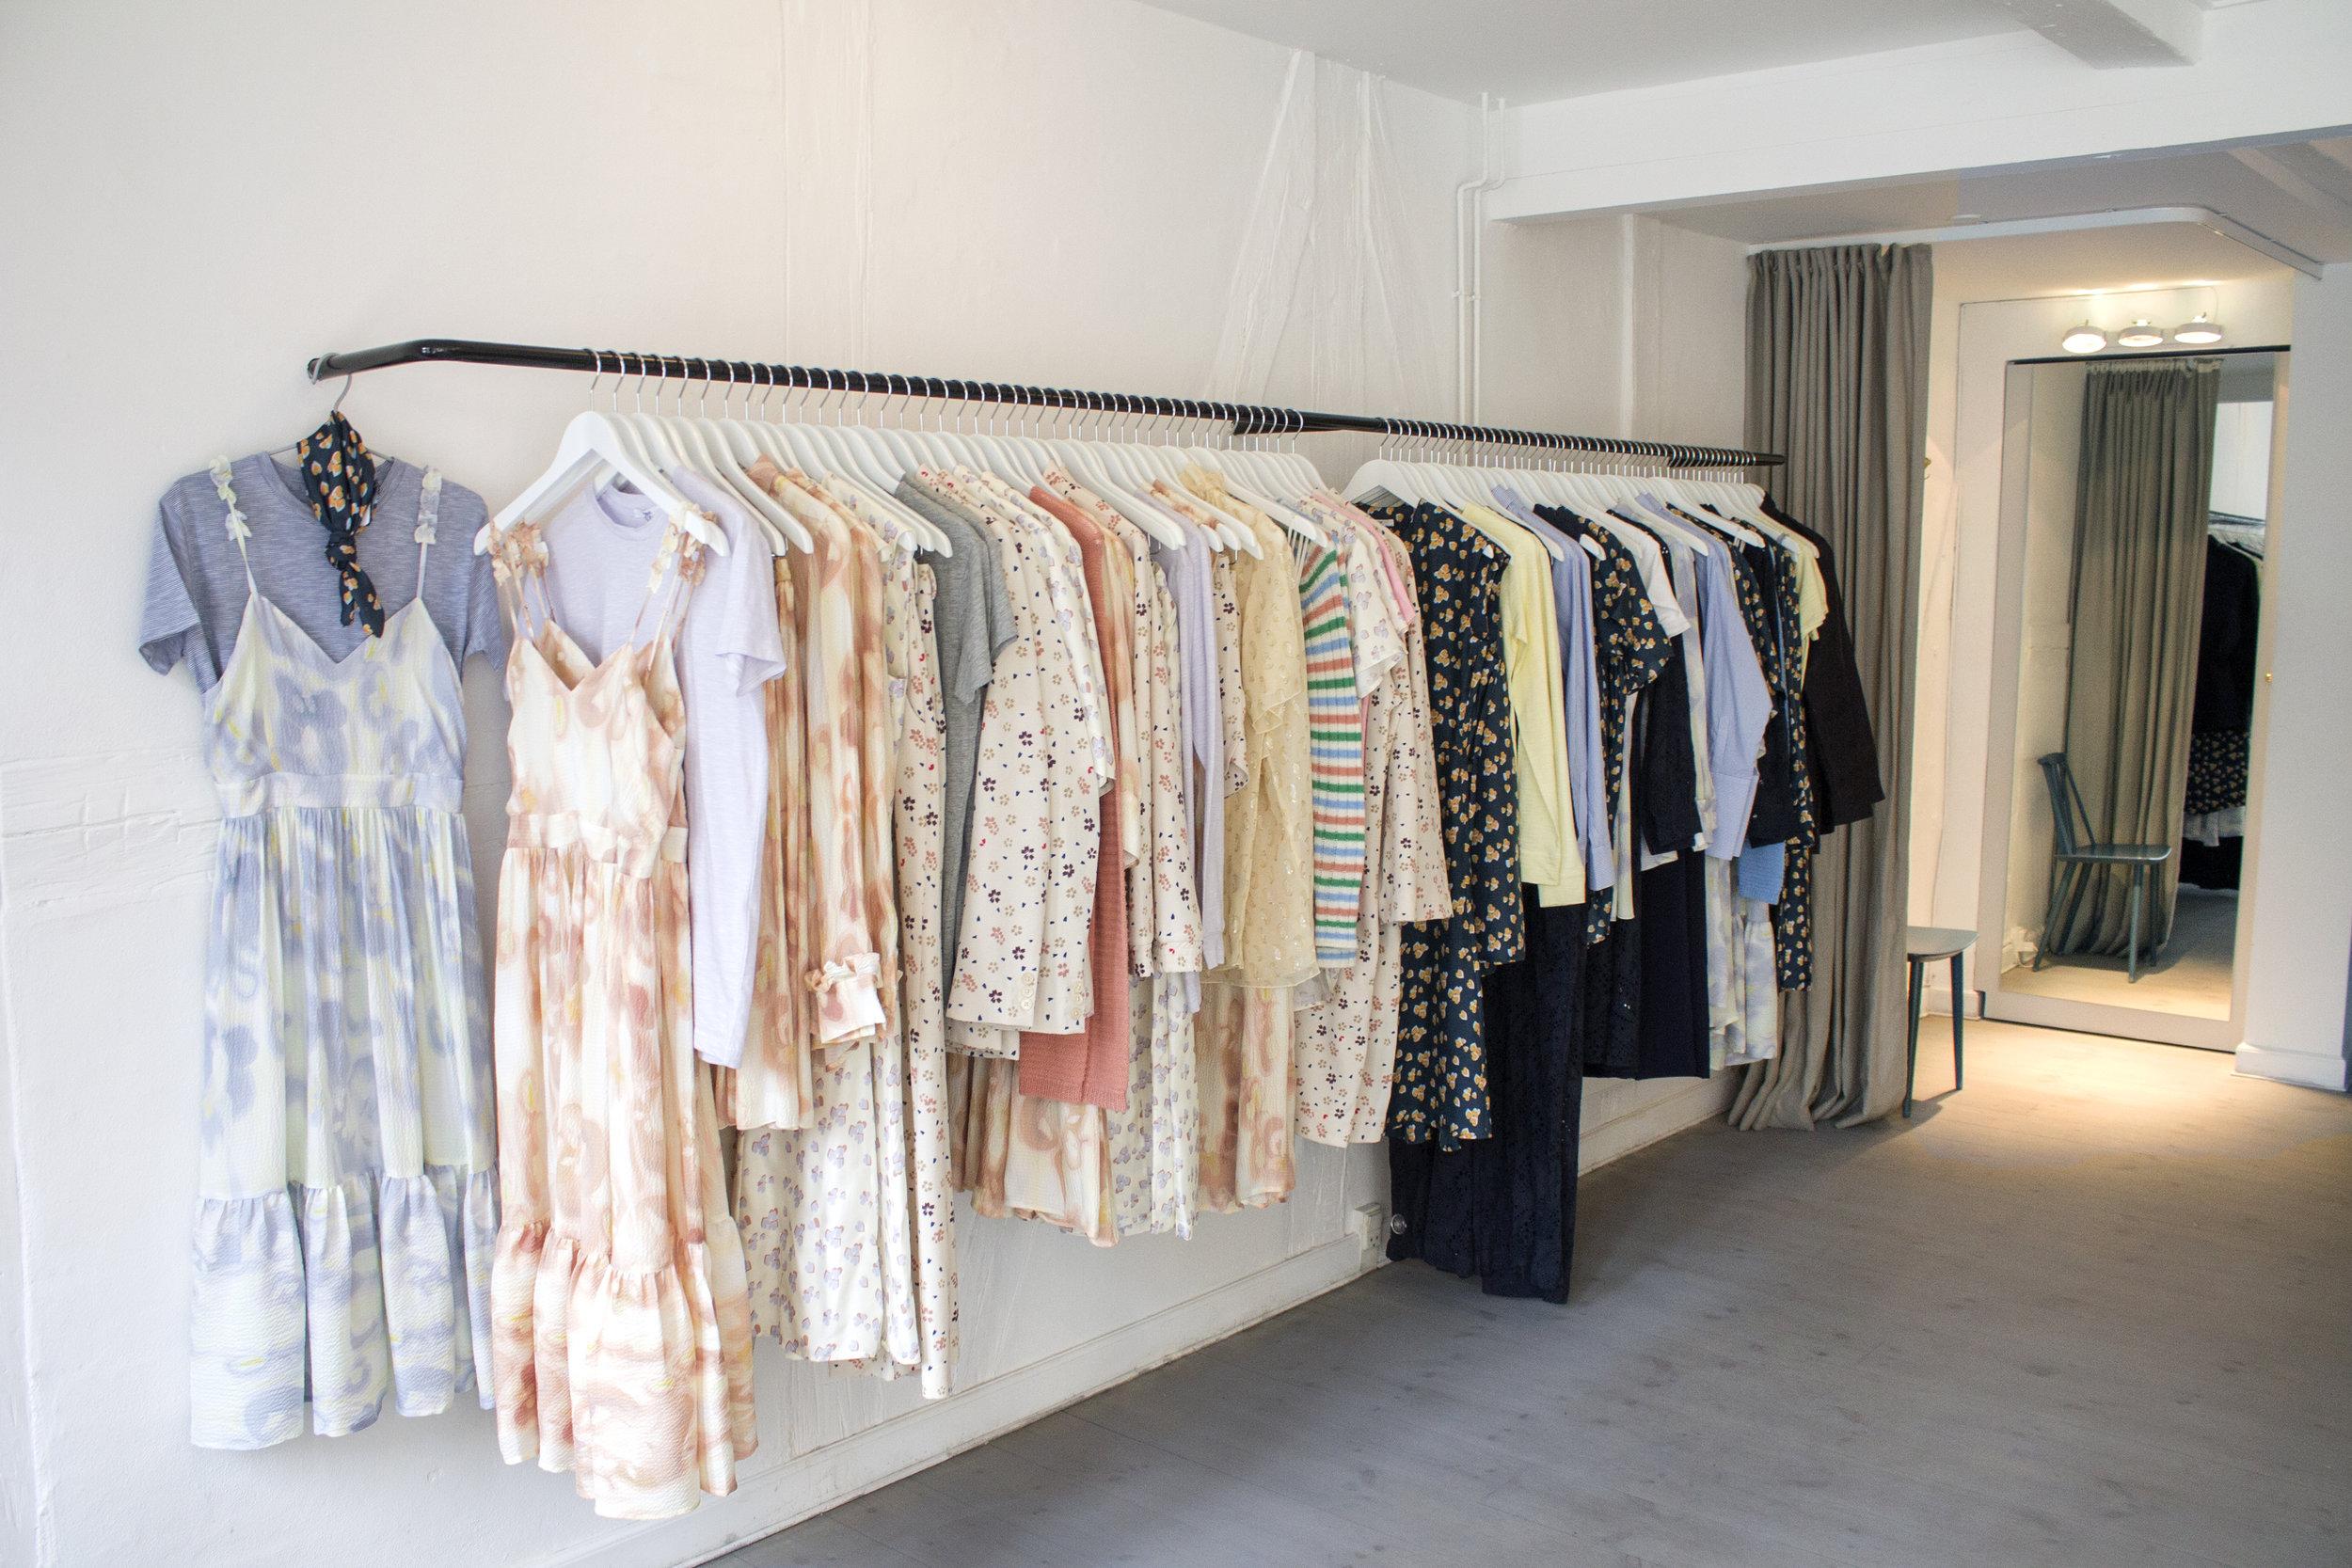 lovechild-flashipstore-fittingroom5.jpg